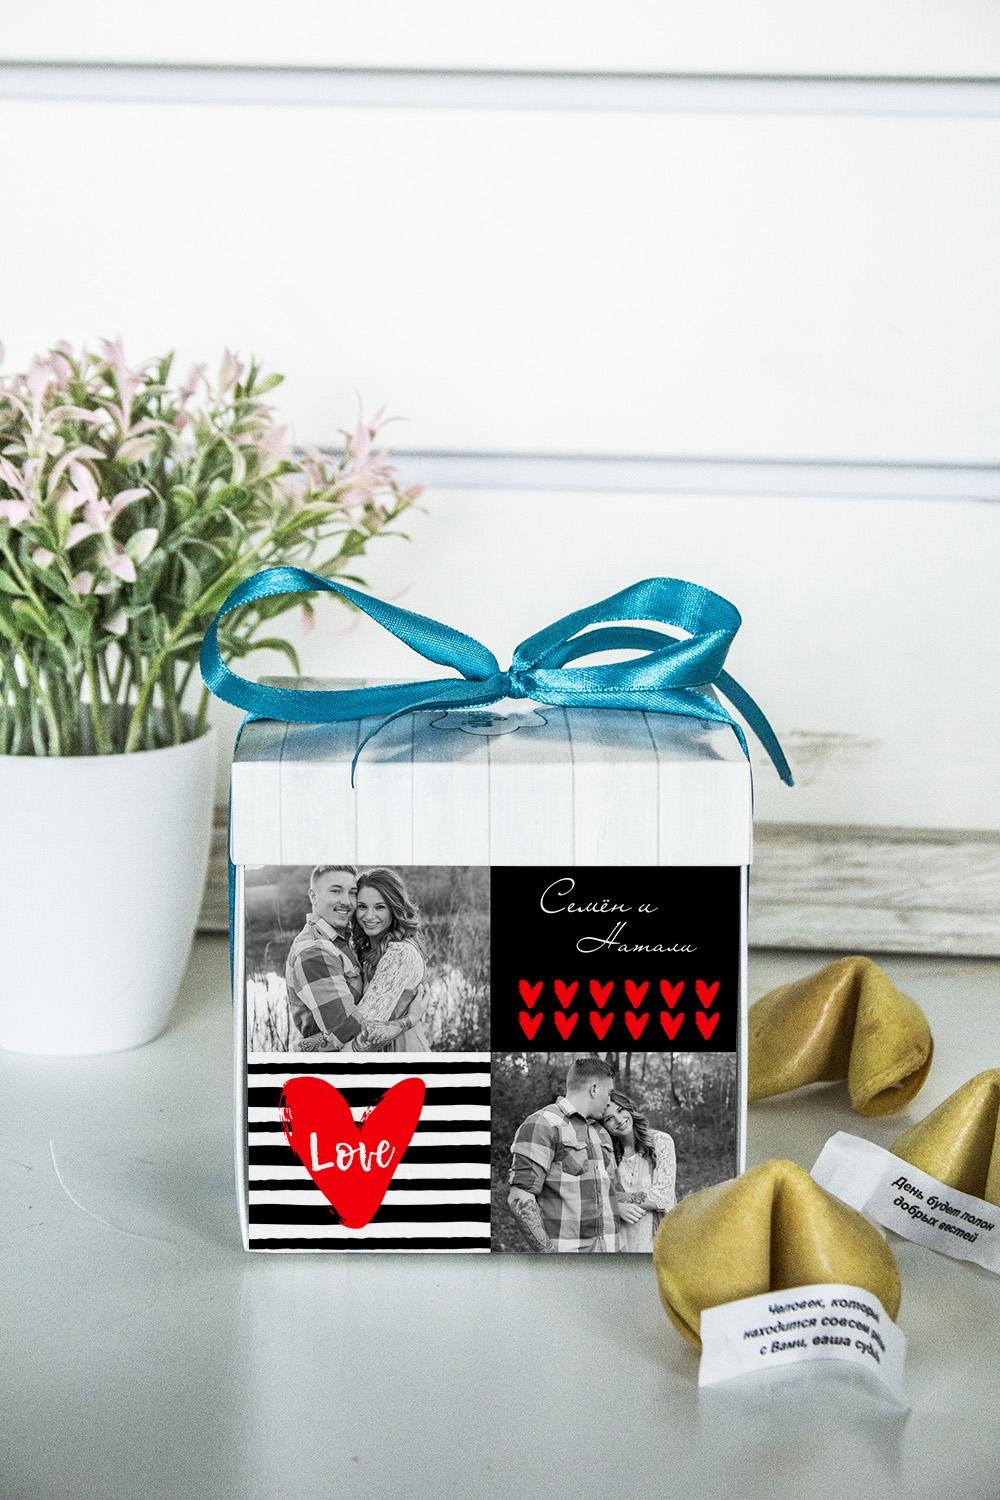 Печенье с предсказанием именное Живи, Смейся, ЛюбиПодарки ко дню рождения<br>Порадуйте близкого вам человека необычным, а главное вкусным подарком. В каждом печенье можно найти индивидуальное предсказание. В упаковке - 5 шт. Размер коробки: 10х10х10см<br>